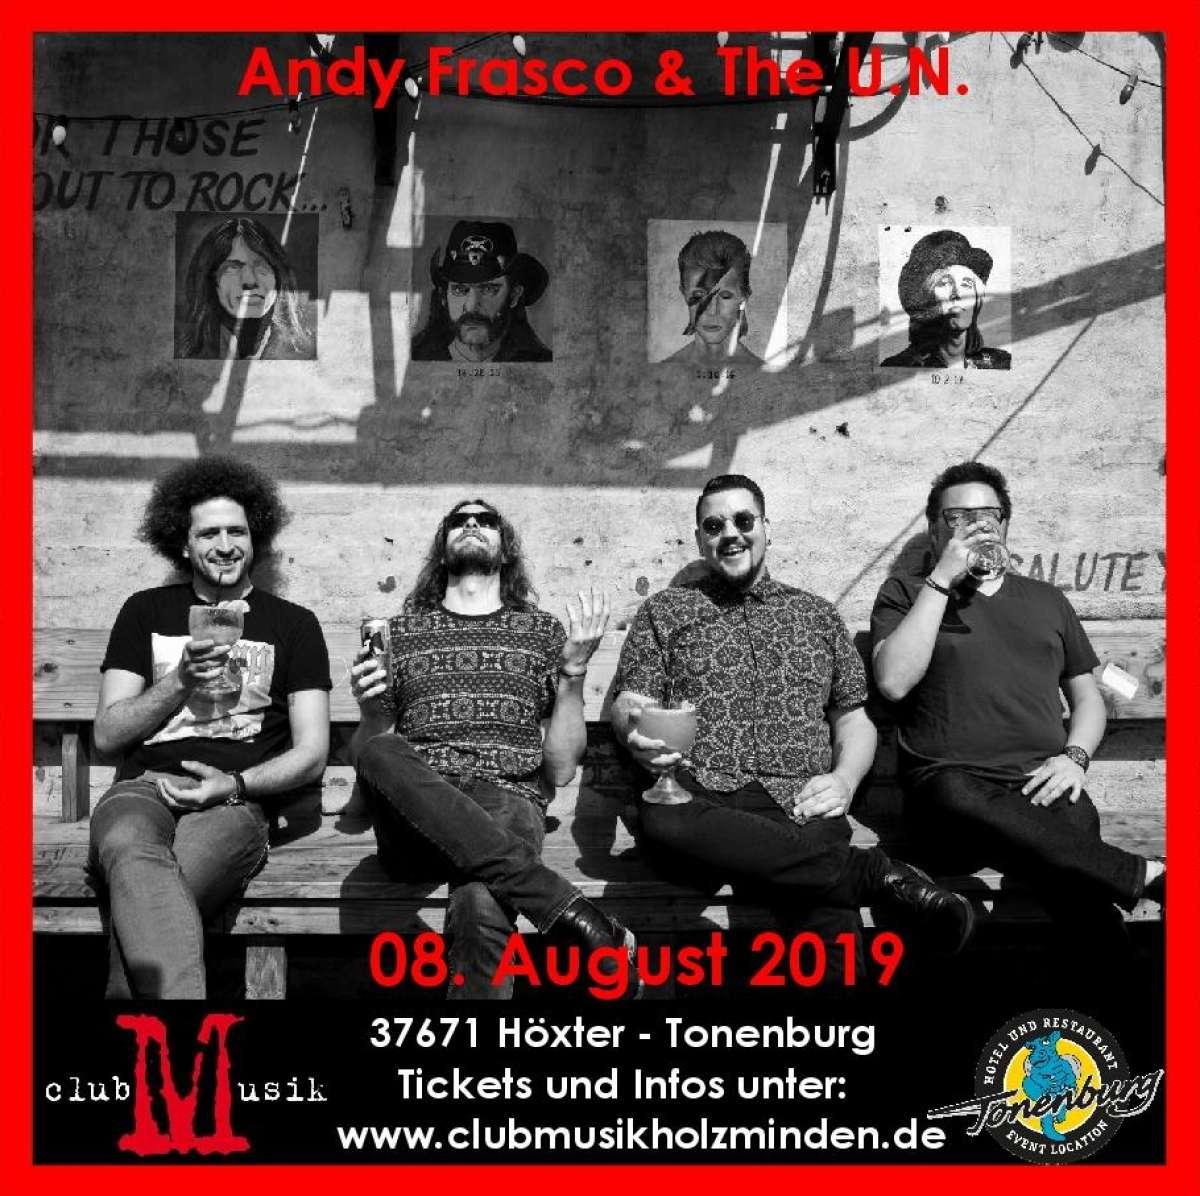 Veranstaltungen & Events am »Donnerstag, 08. August 2019« in deiner Nähe...